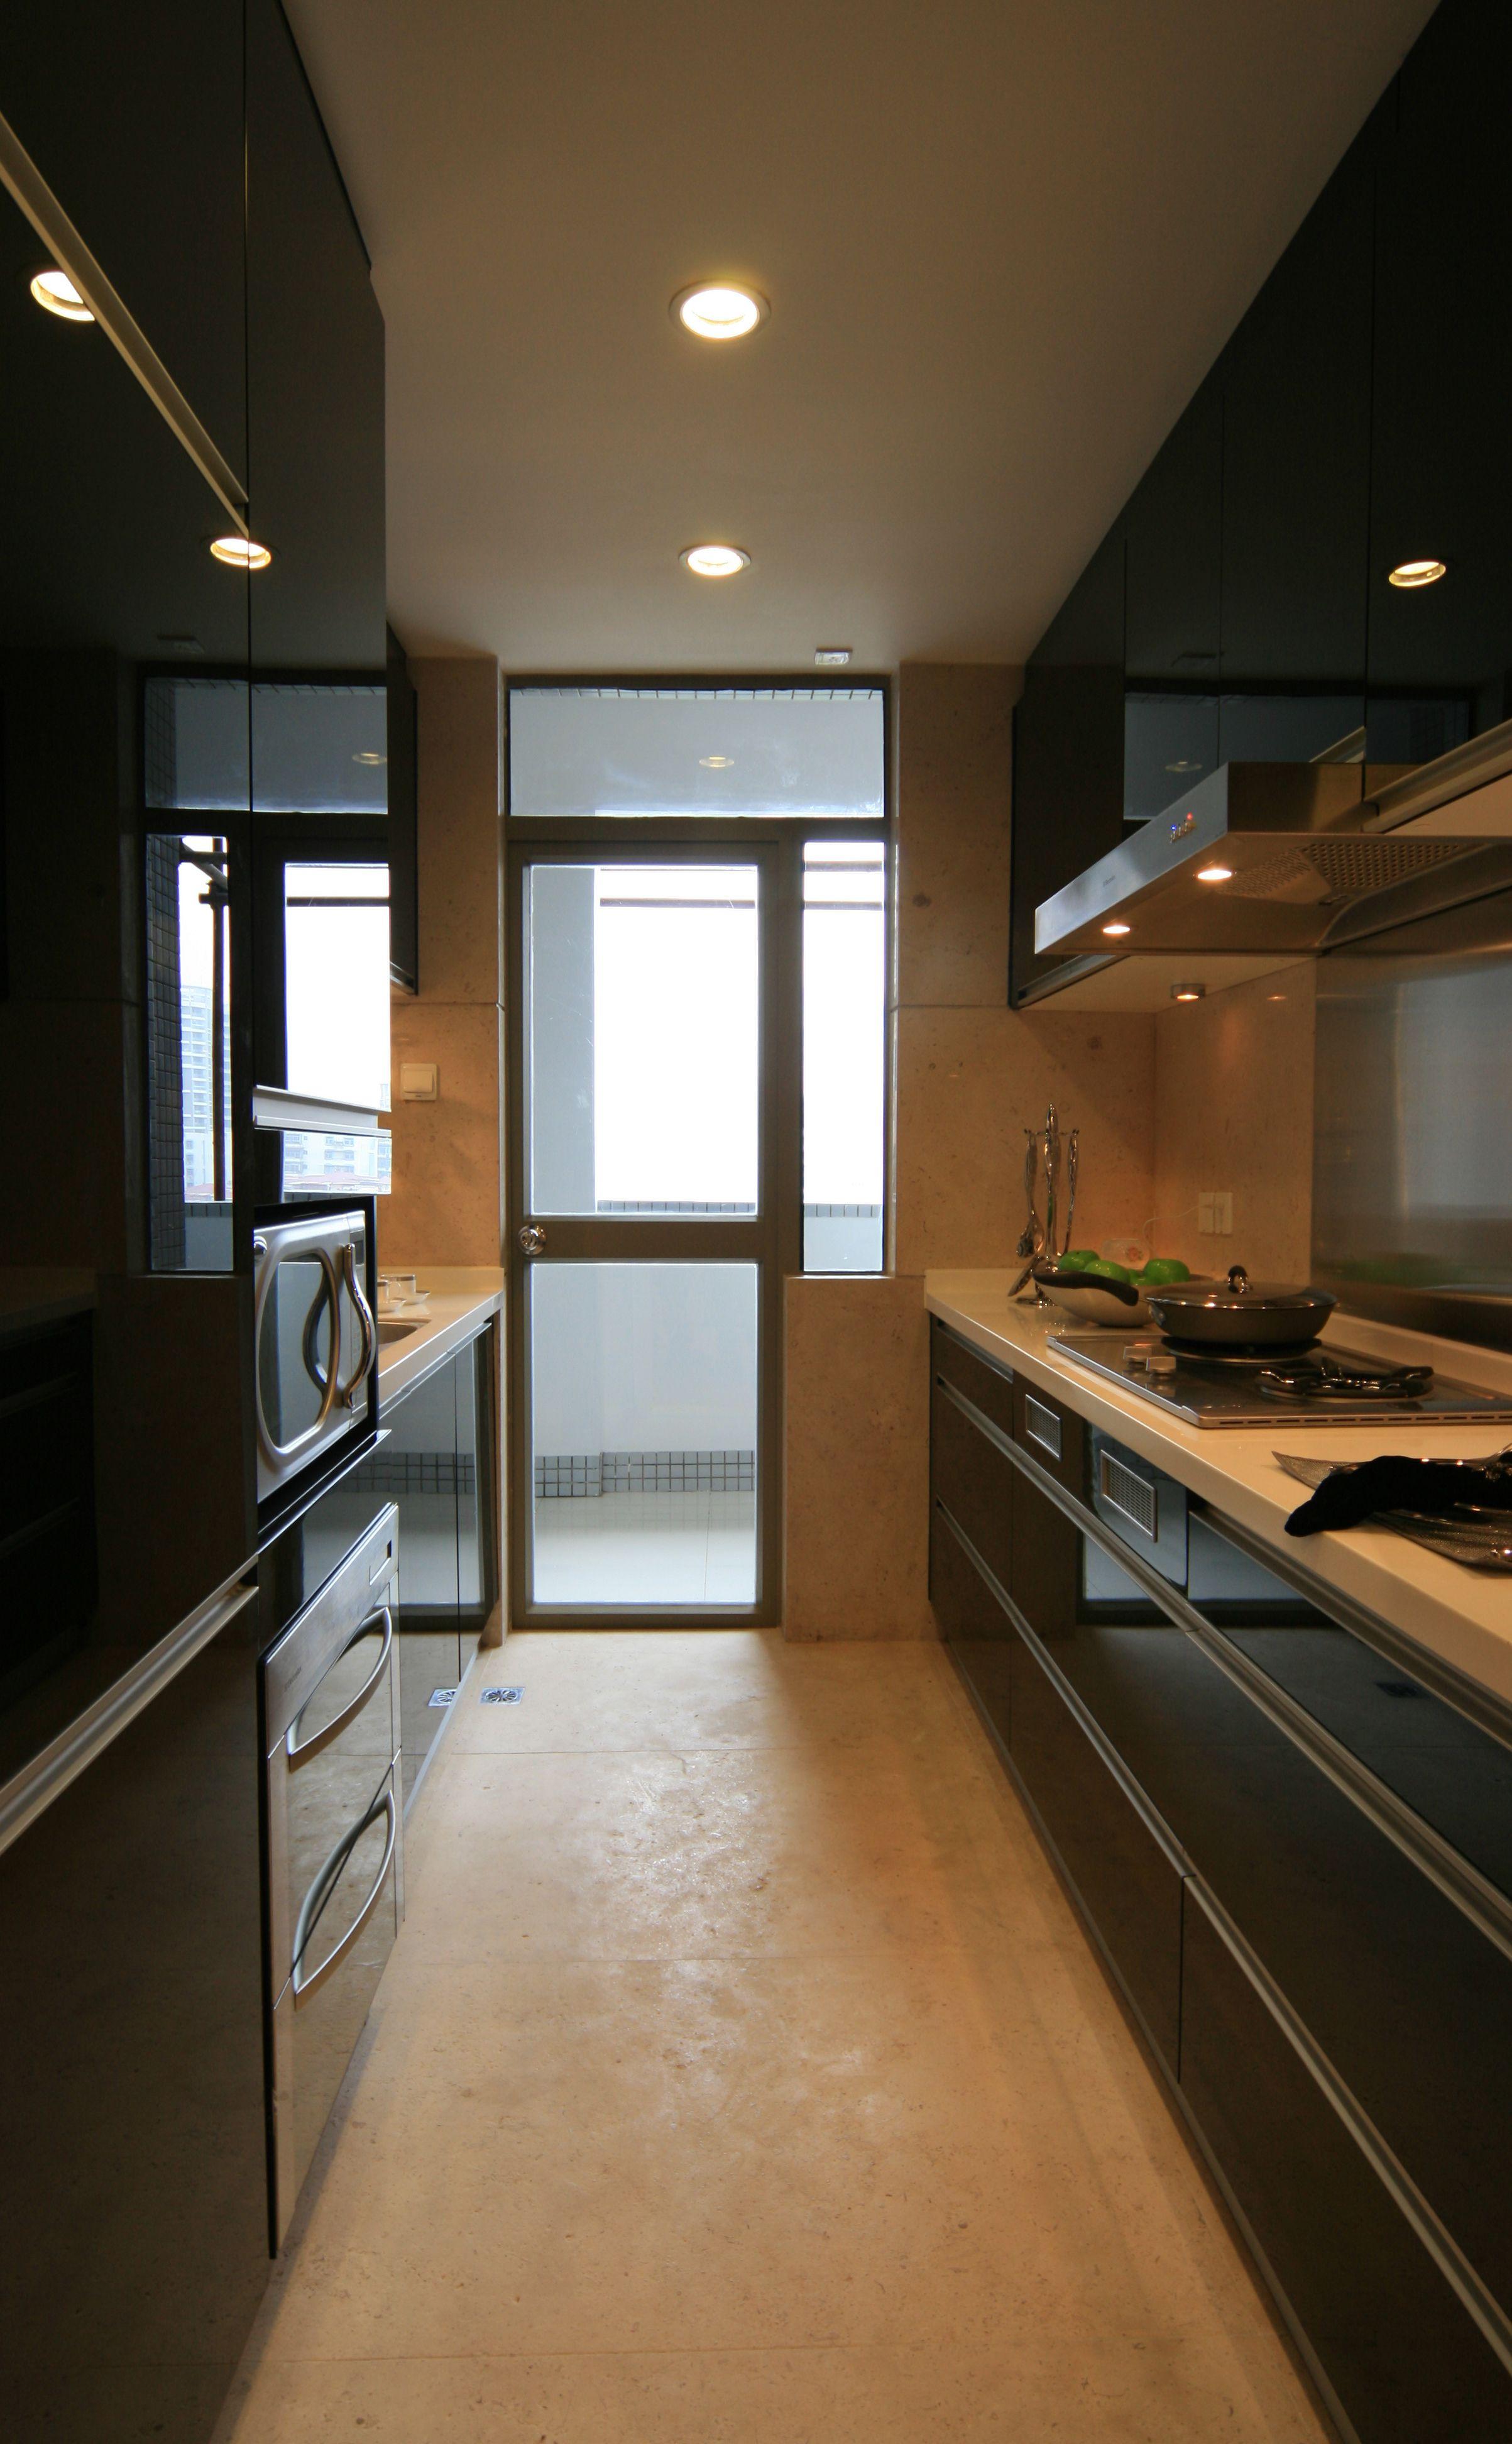 Pin de SELA 4444 en Steve Leung | Pinterest | Cocina moderna ...